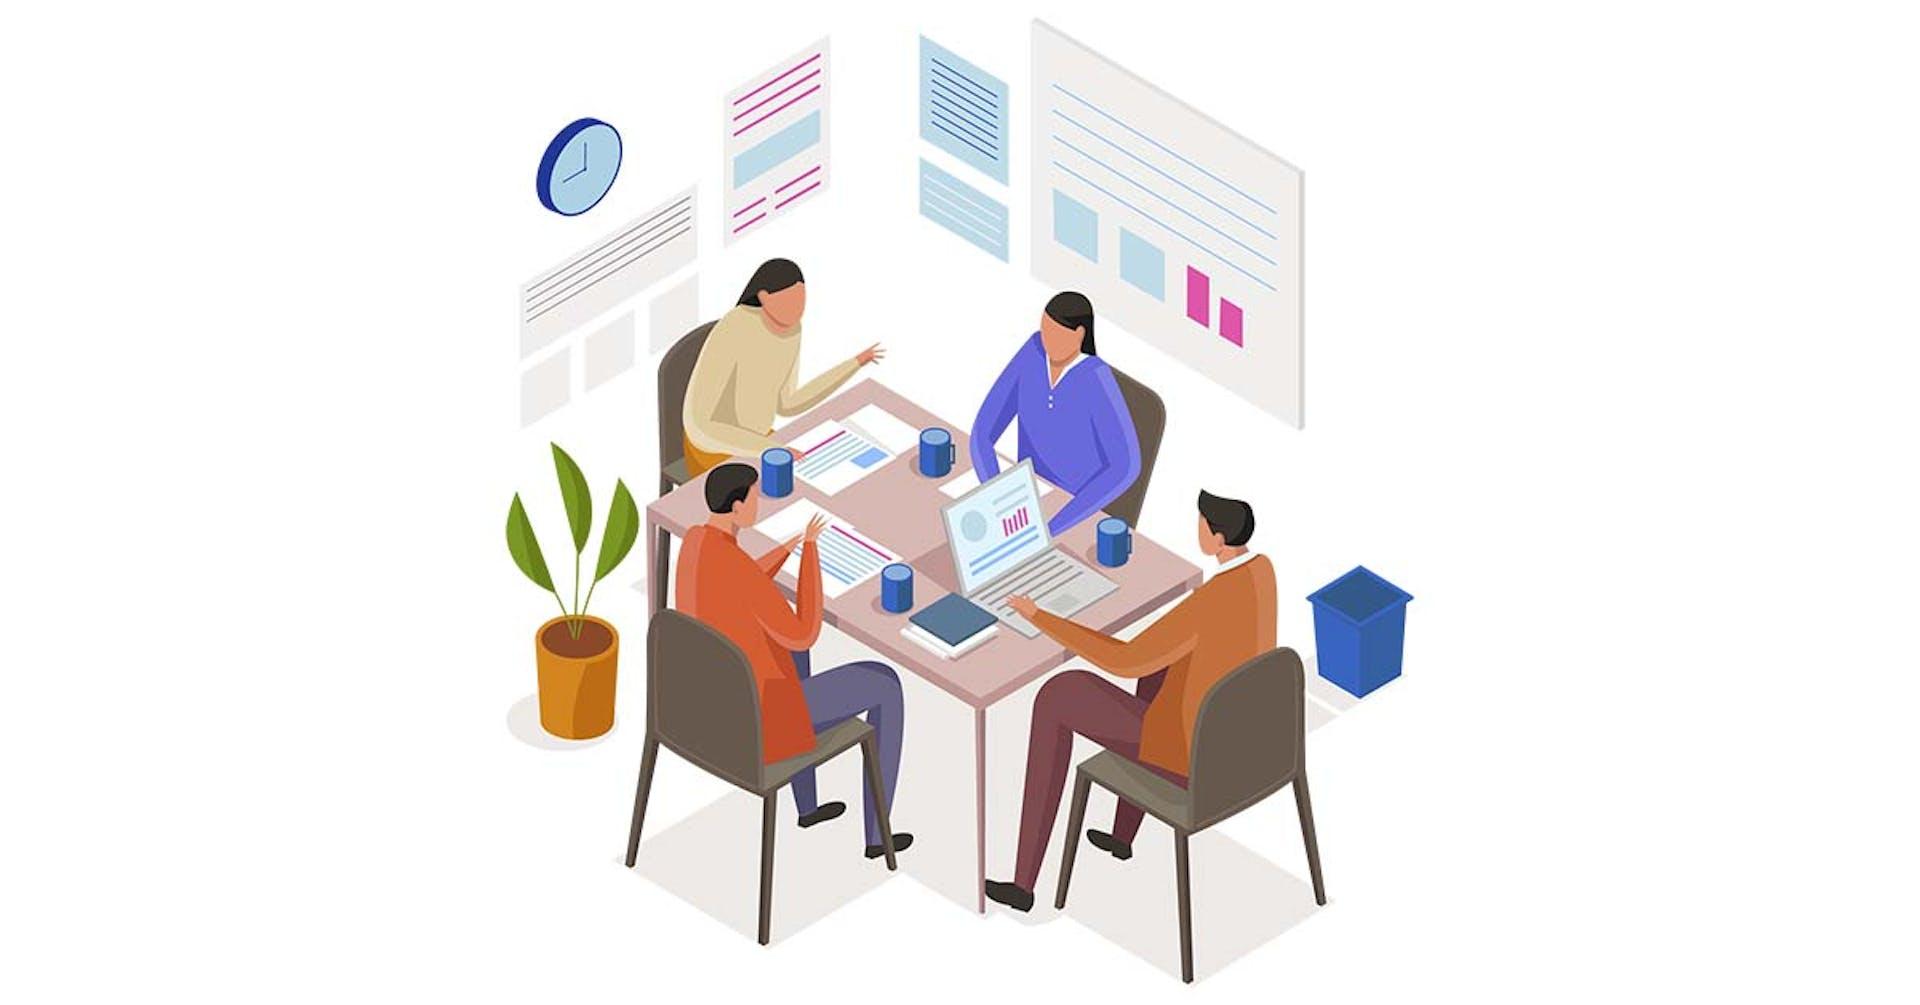 Los mejores consejos sobre cómo vender una idea de negocio de forma eficaz